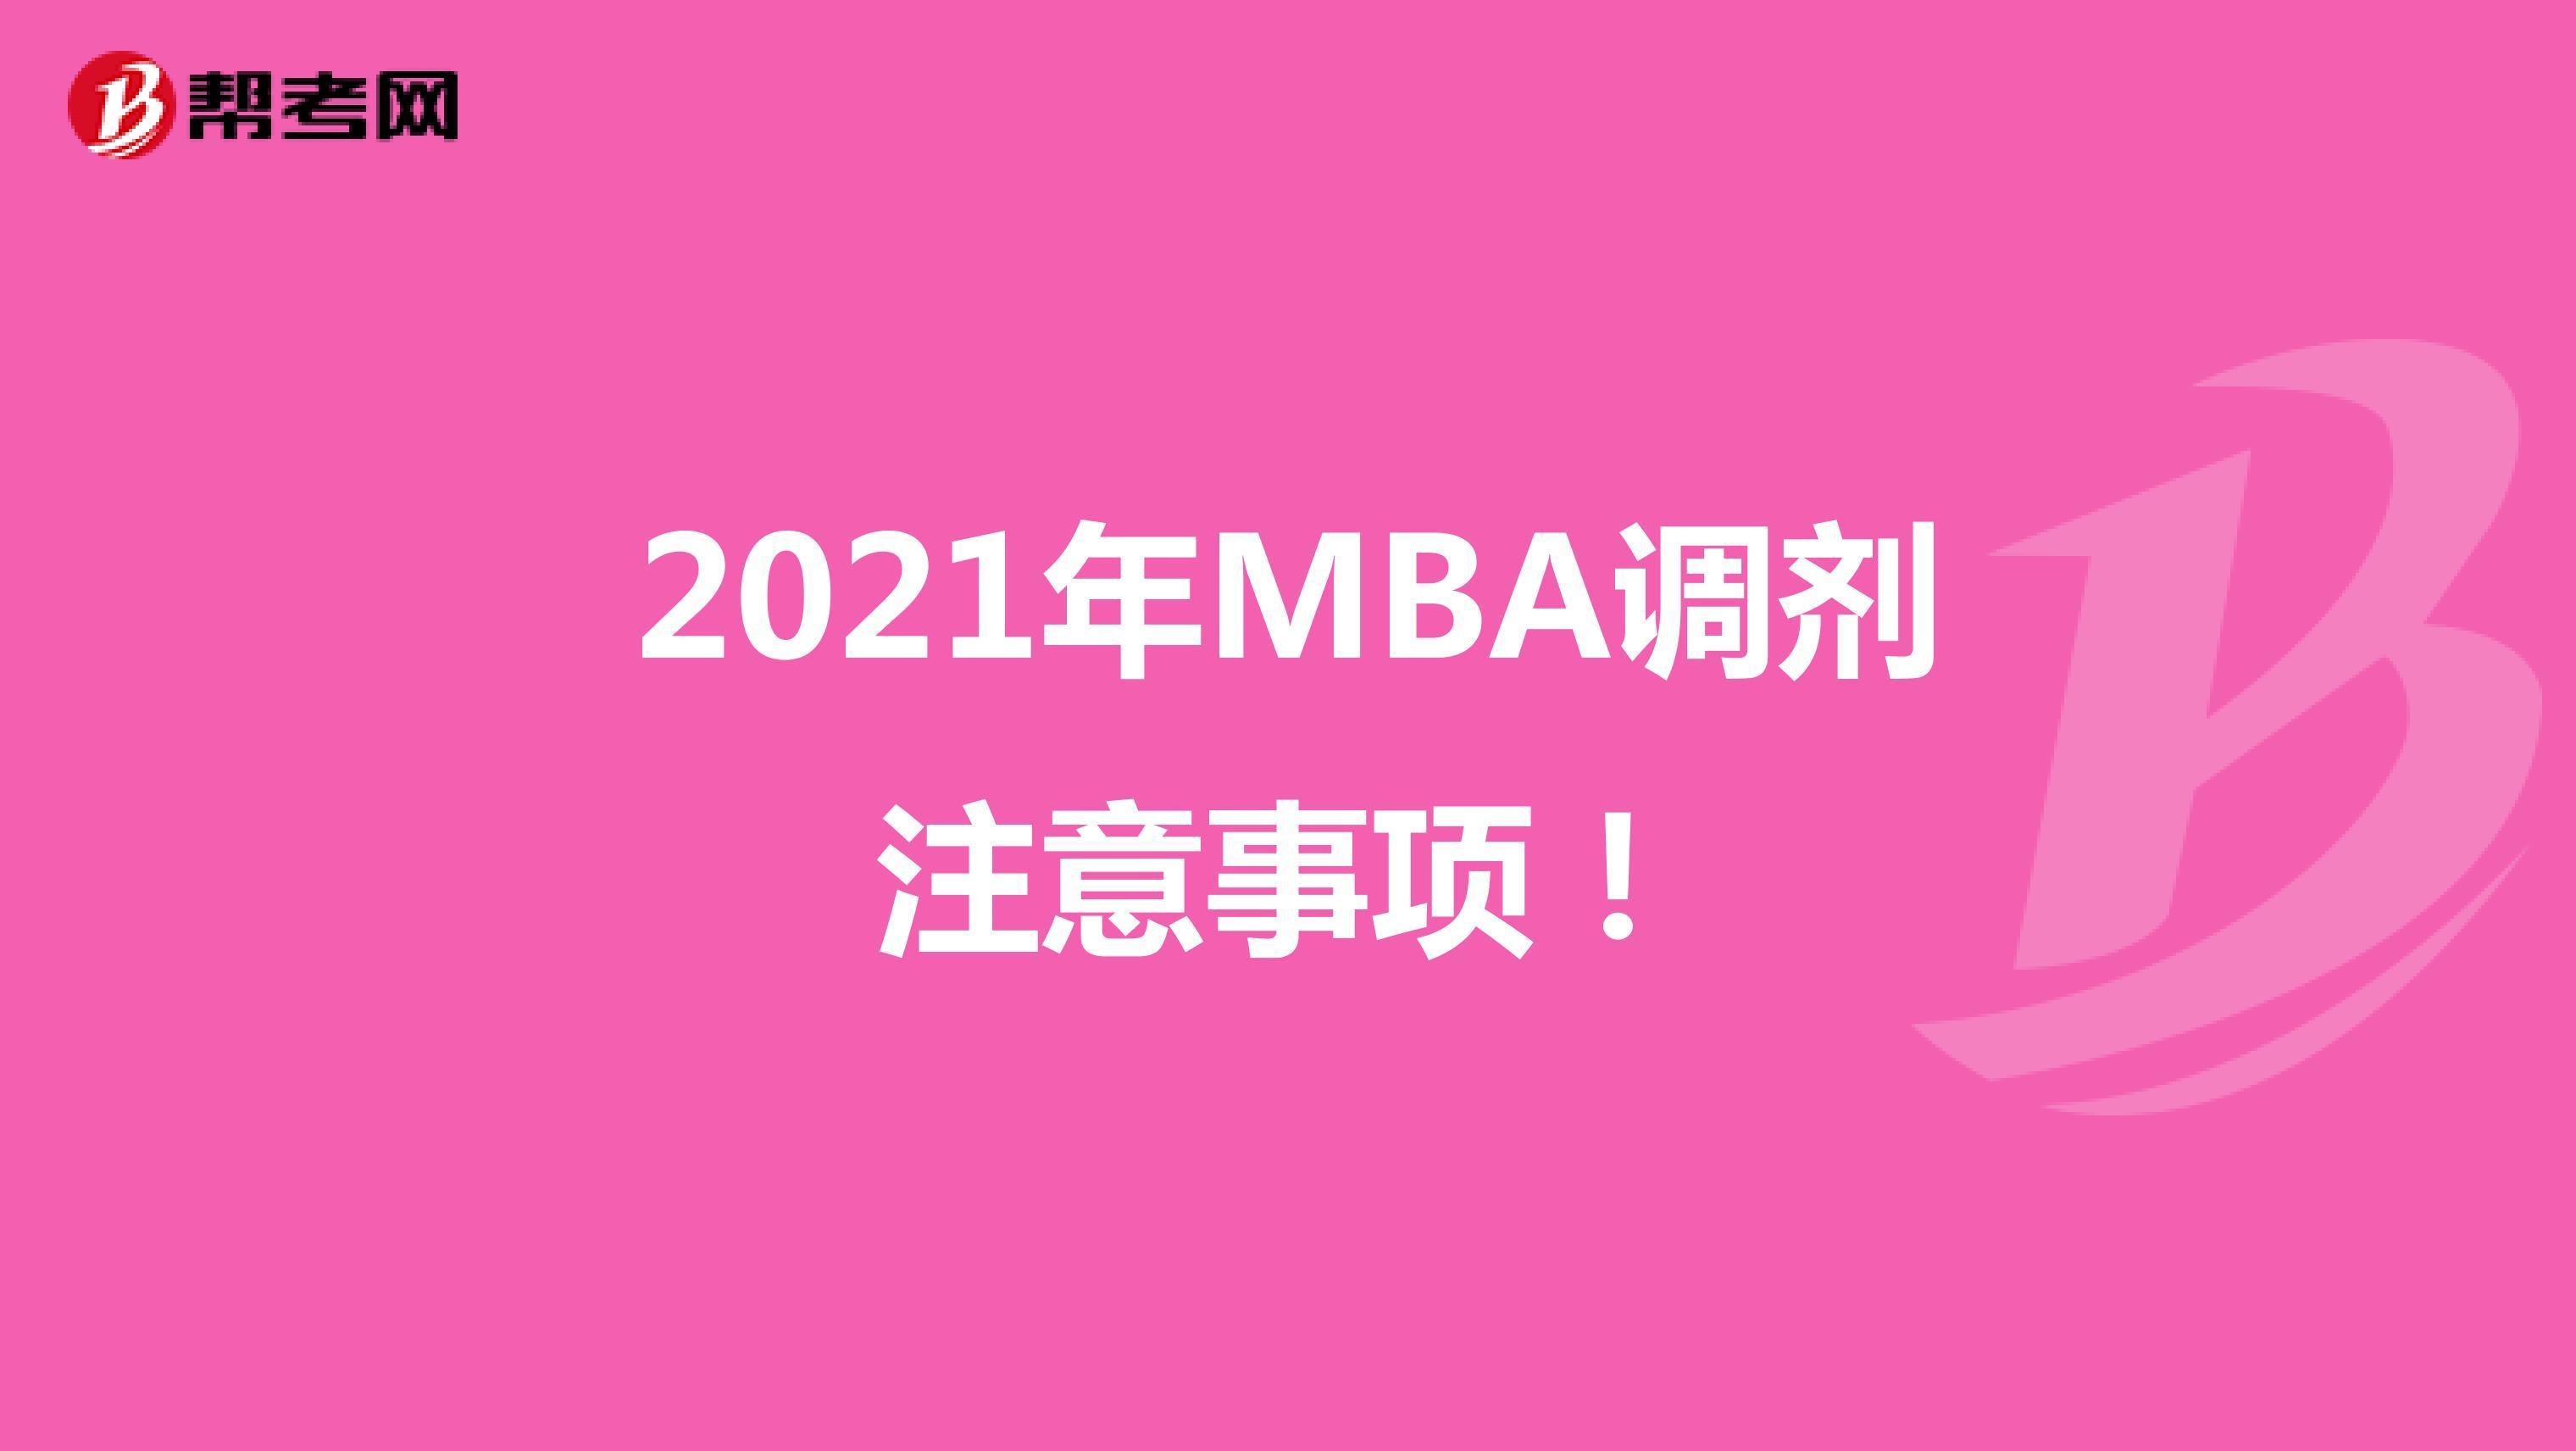 2021年MBA调剂注意事项!